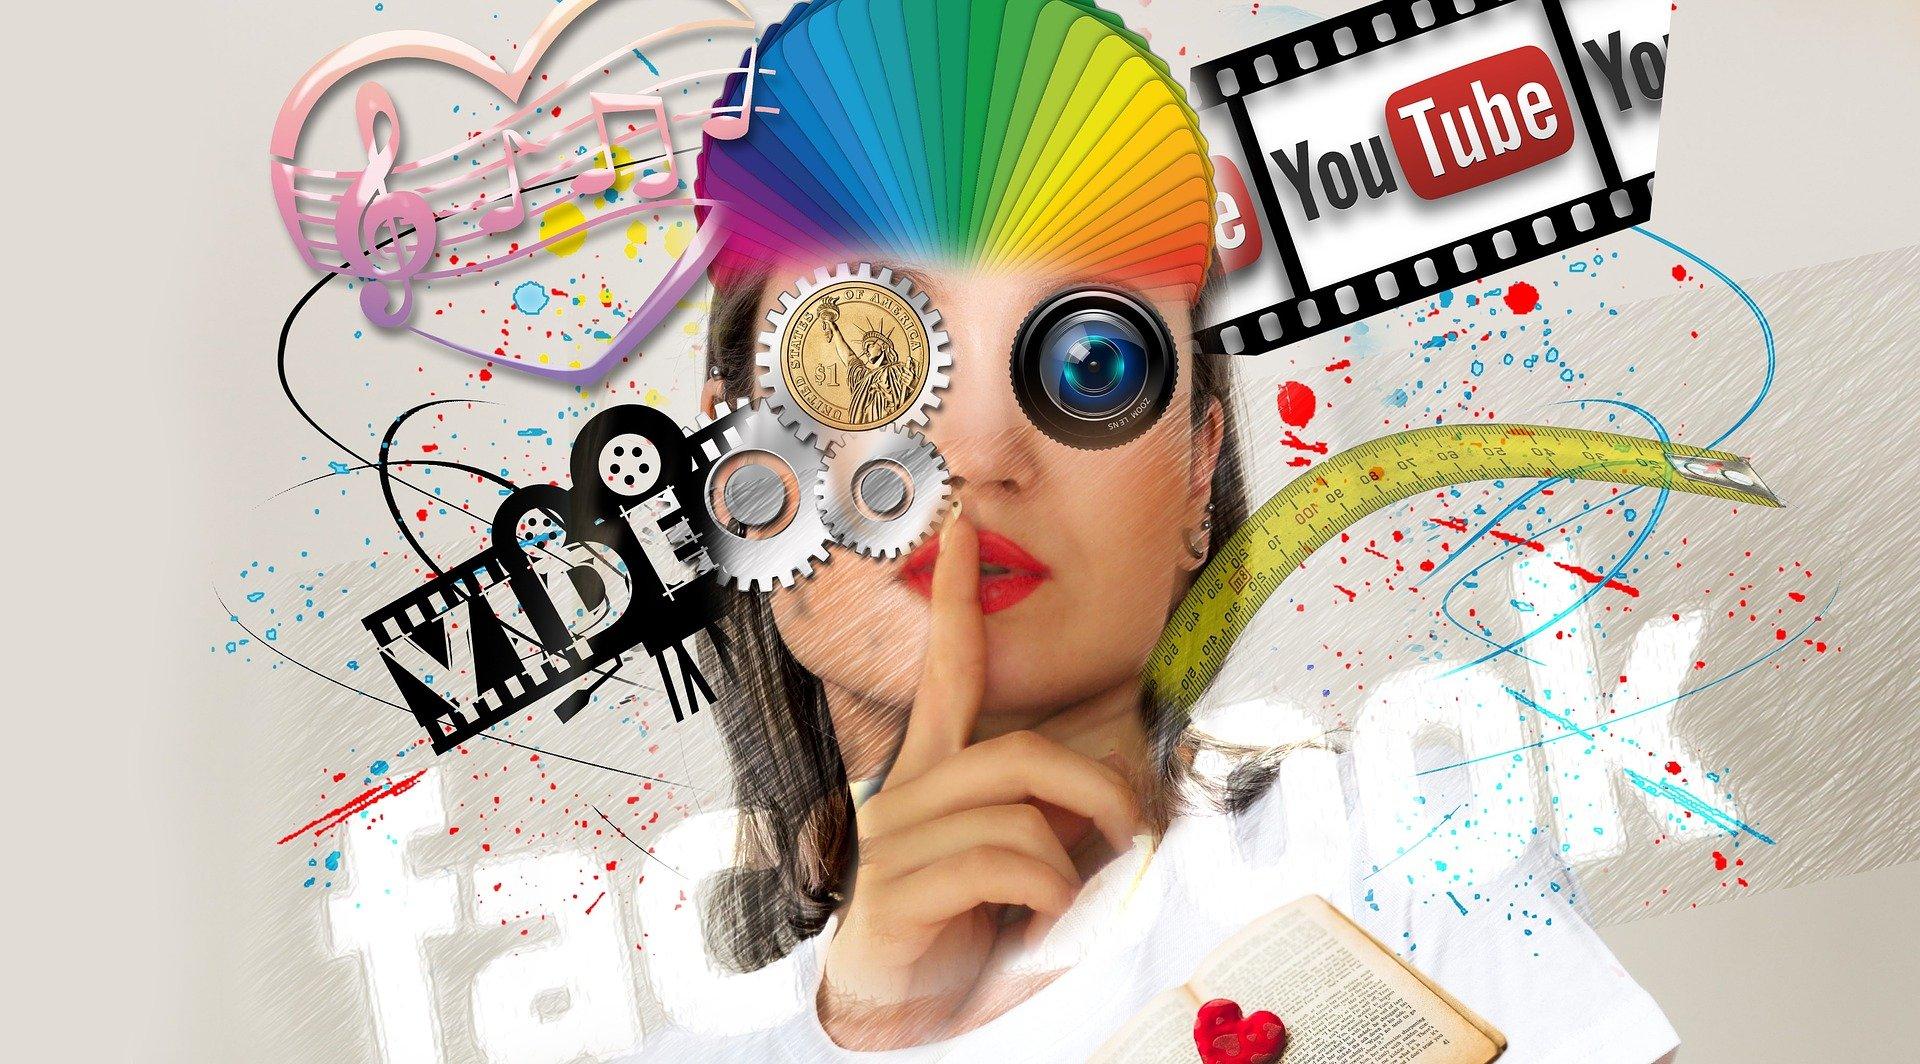 Le branding ou le marketing 4.0 : Comment ancrer sa marque dans l'esprit du consommateur